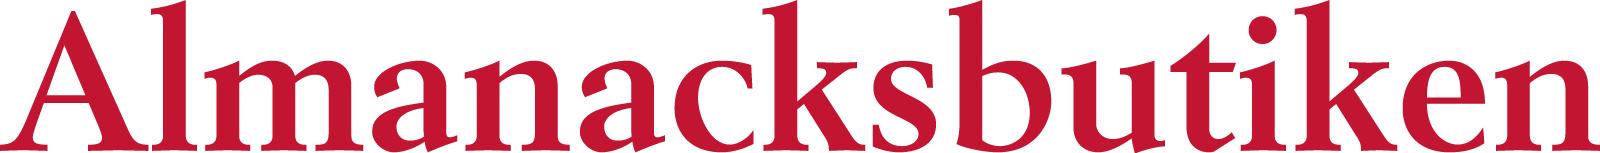 Köp Almanacka online – specialbutik för almanackor & kalendrar